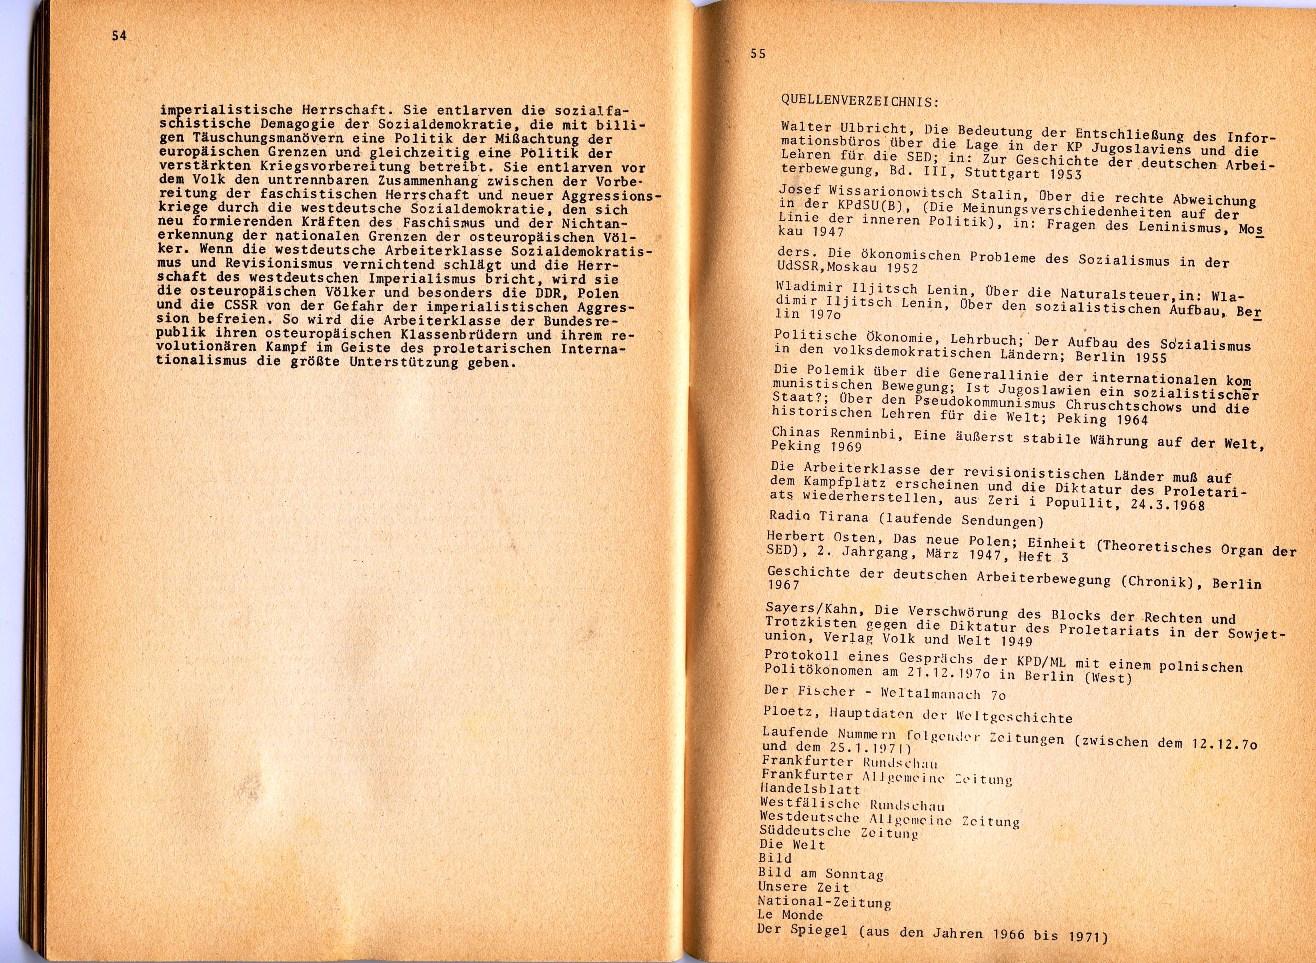 ZB_Polen_Aufstand_1971_31